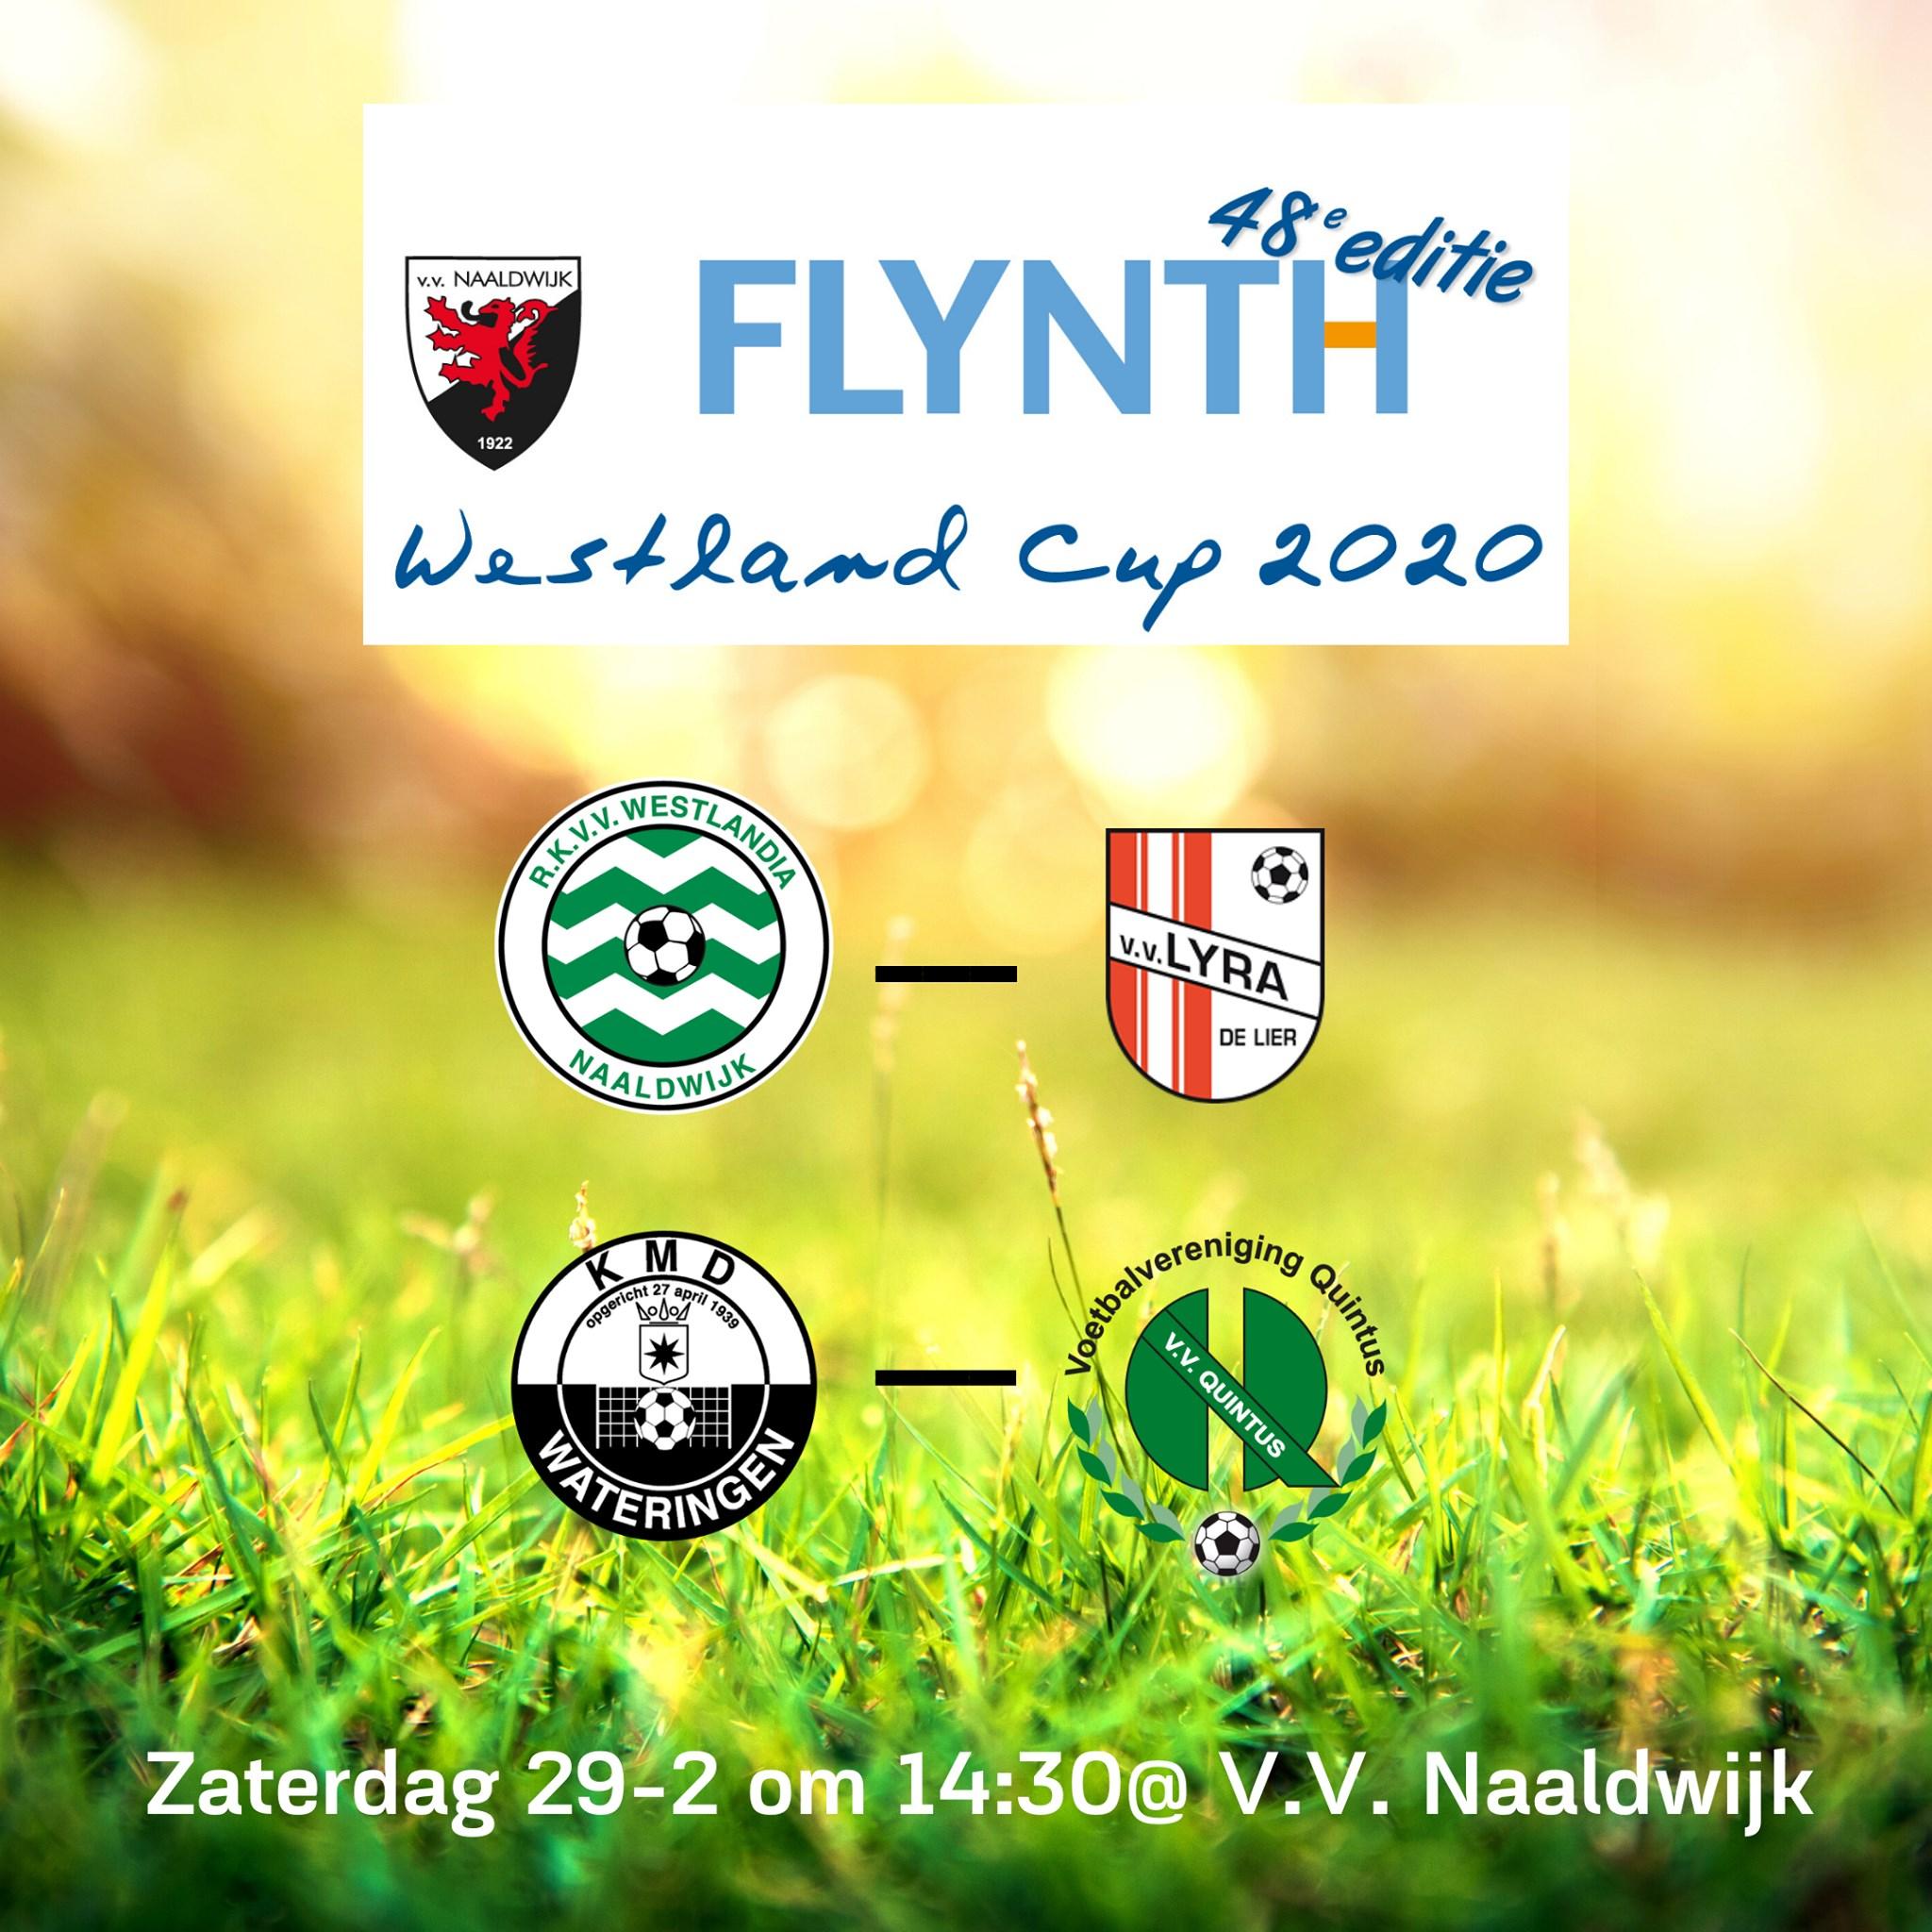 Programma zaterdag 29 februari met o.a. Flynth Westland Cup